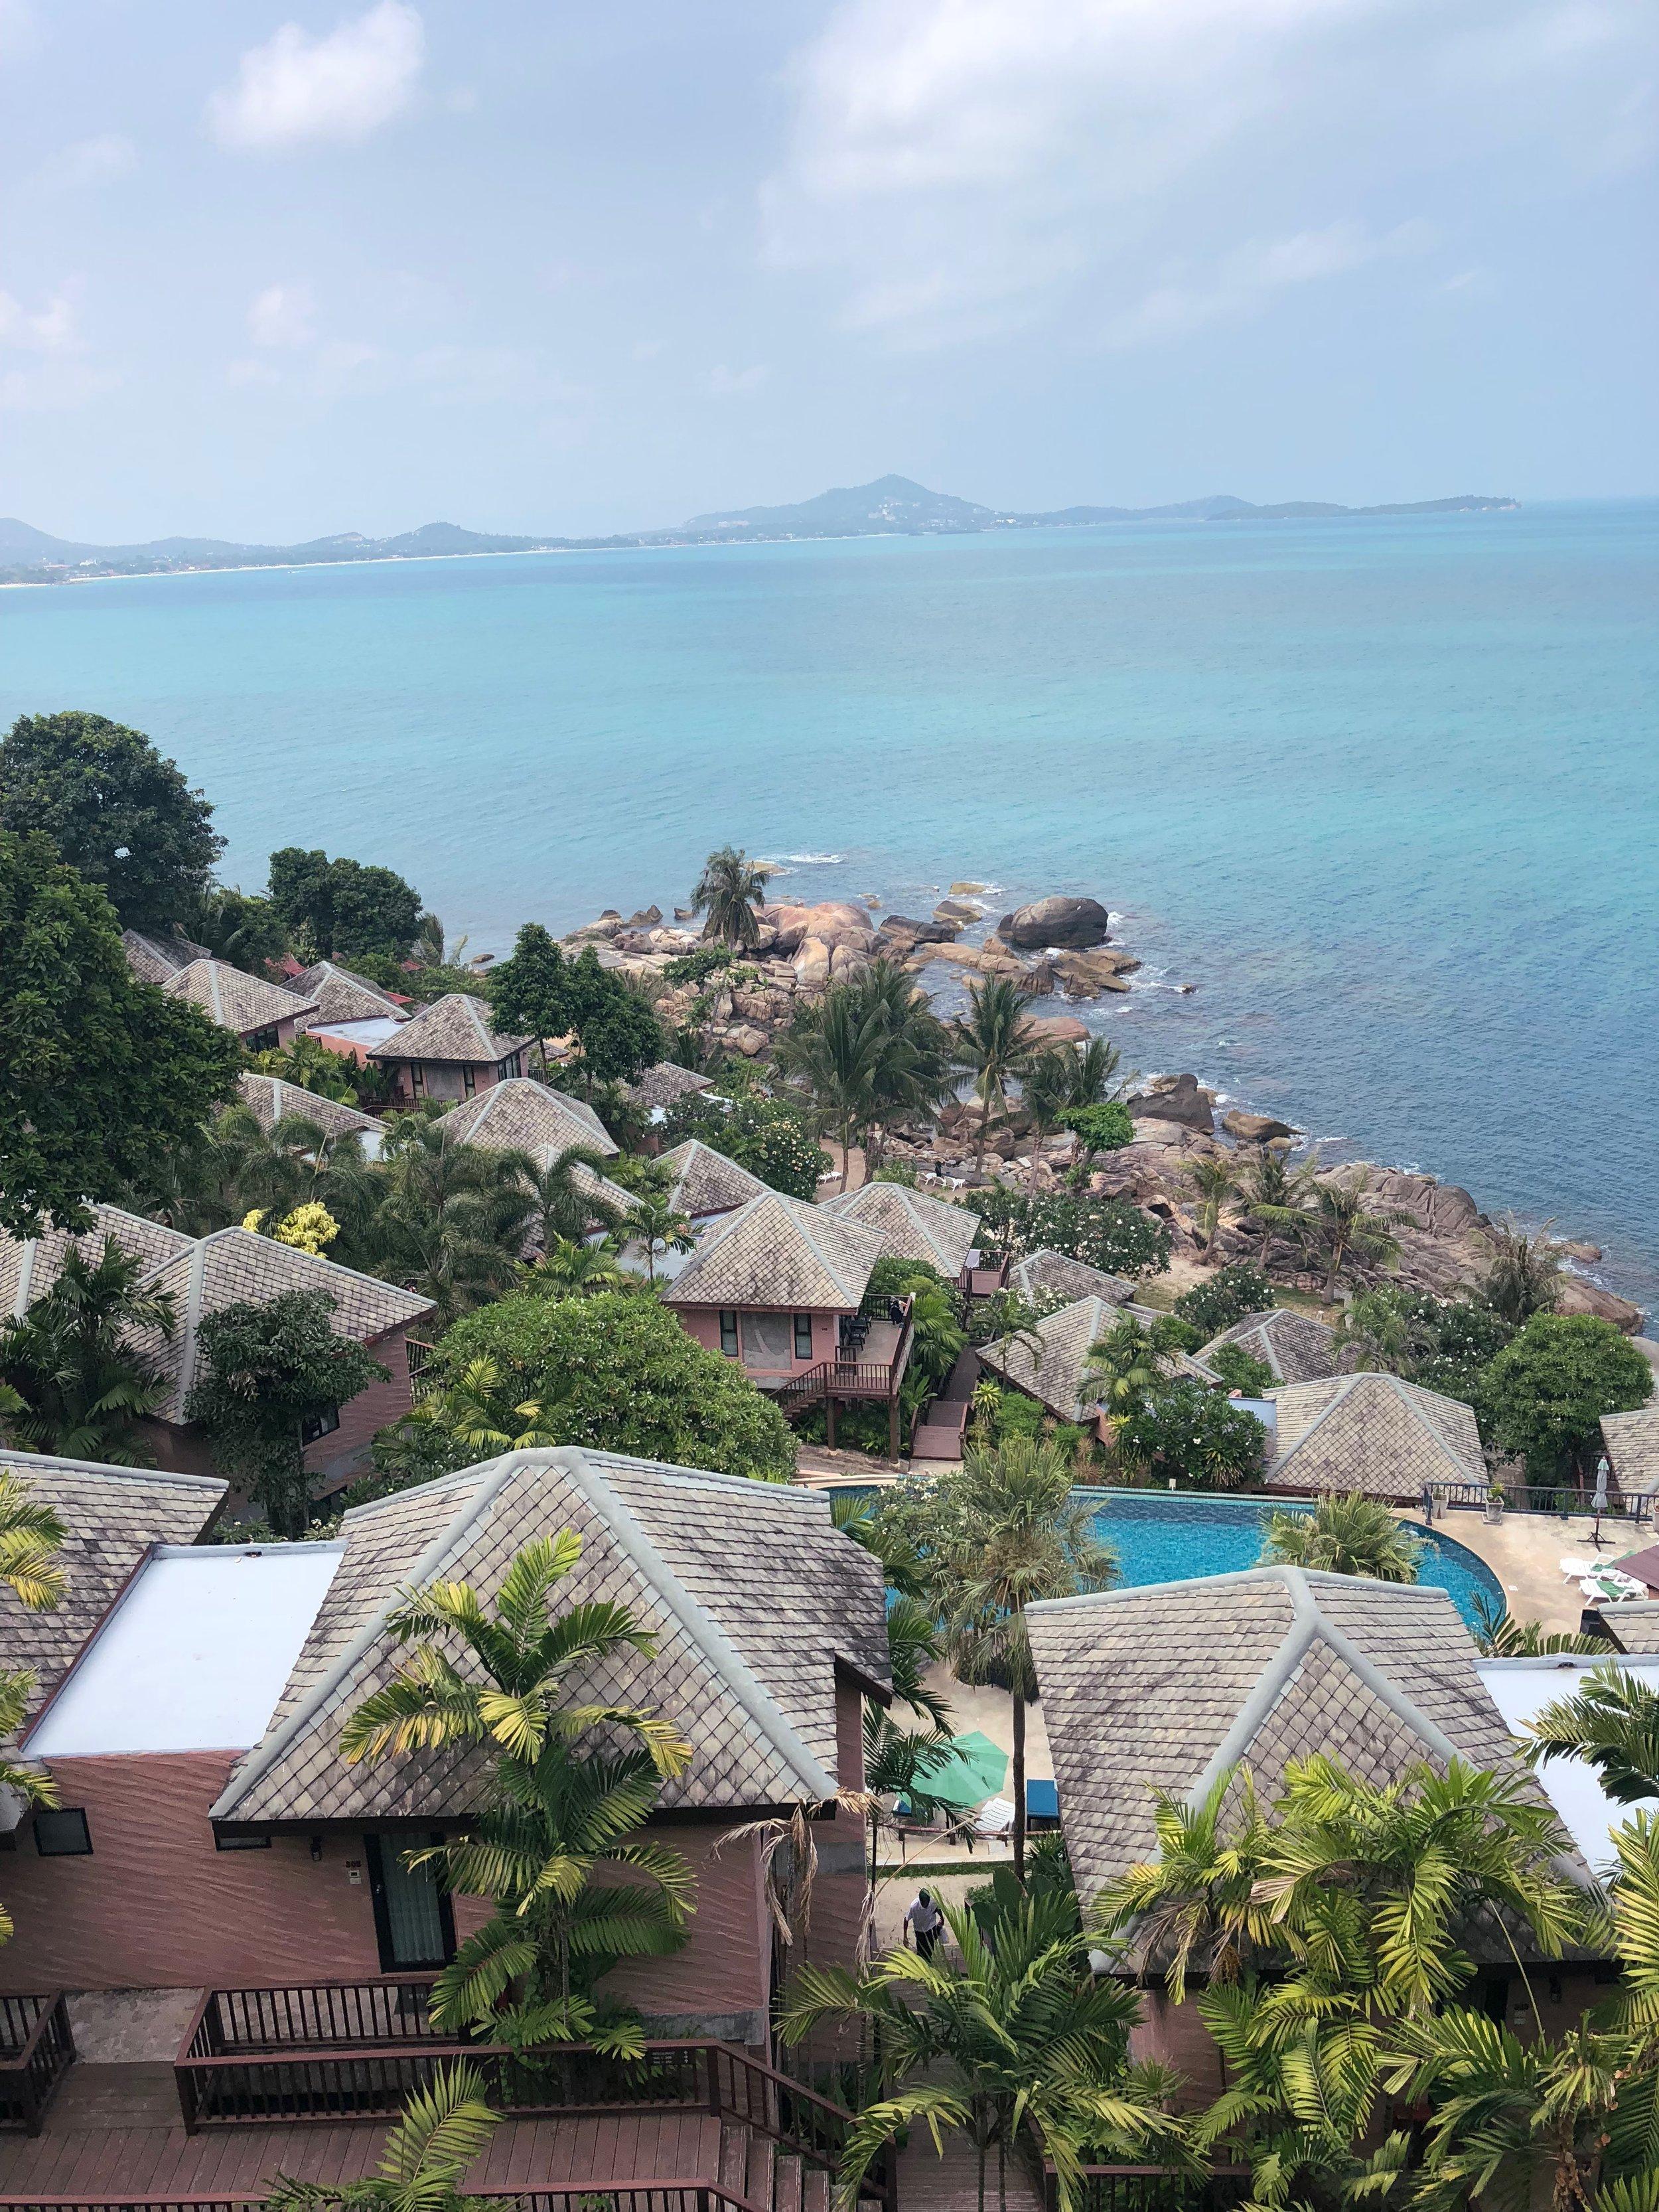 Sai Daeng beech resort